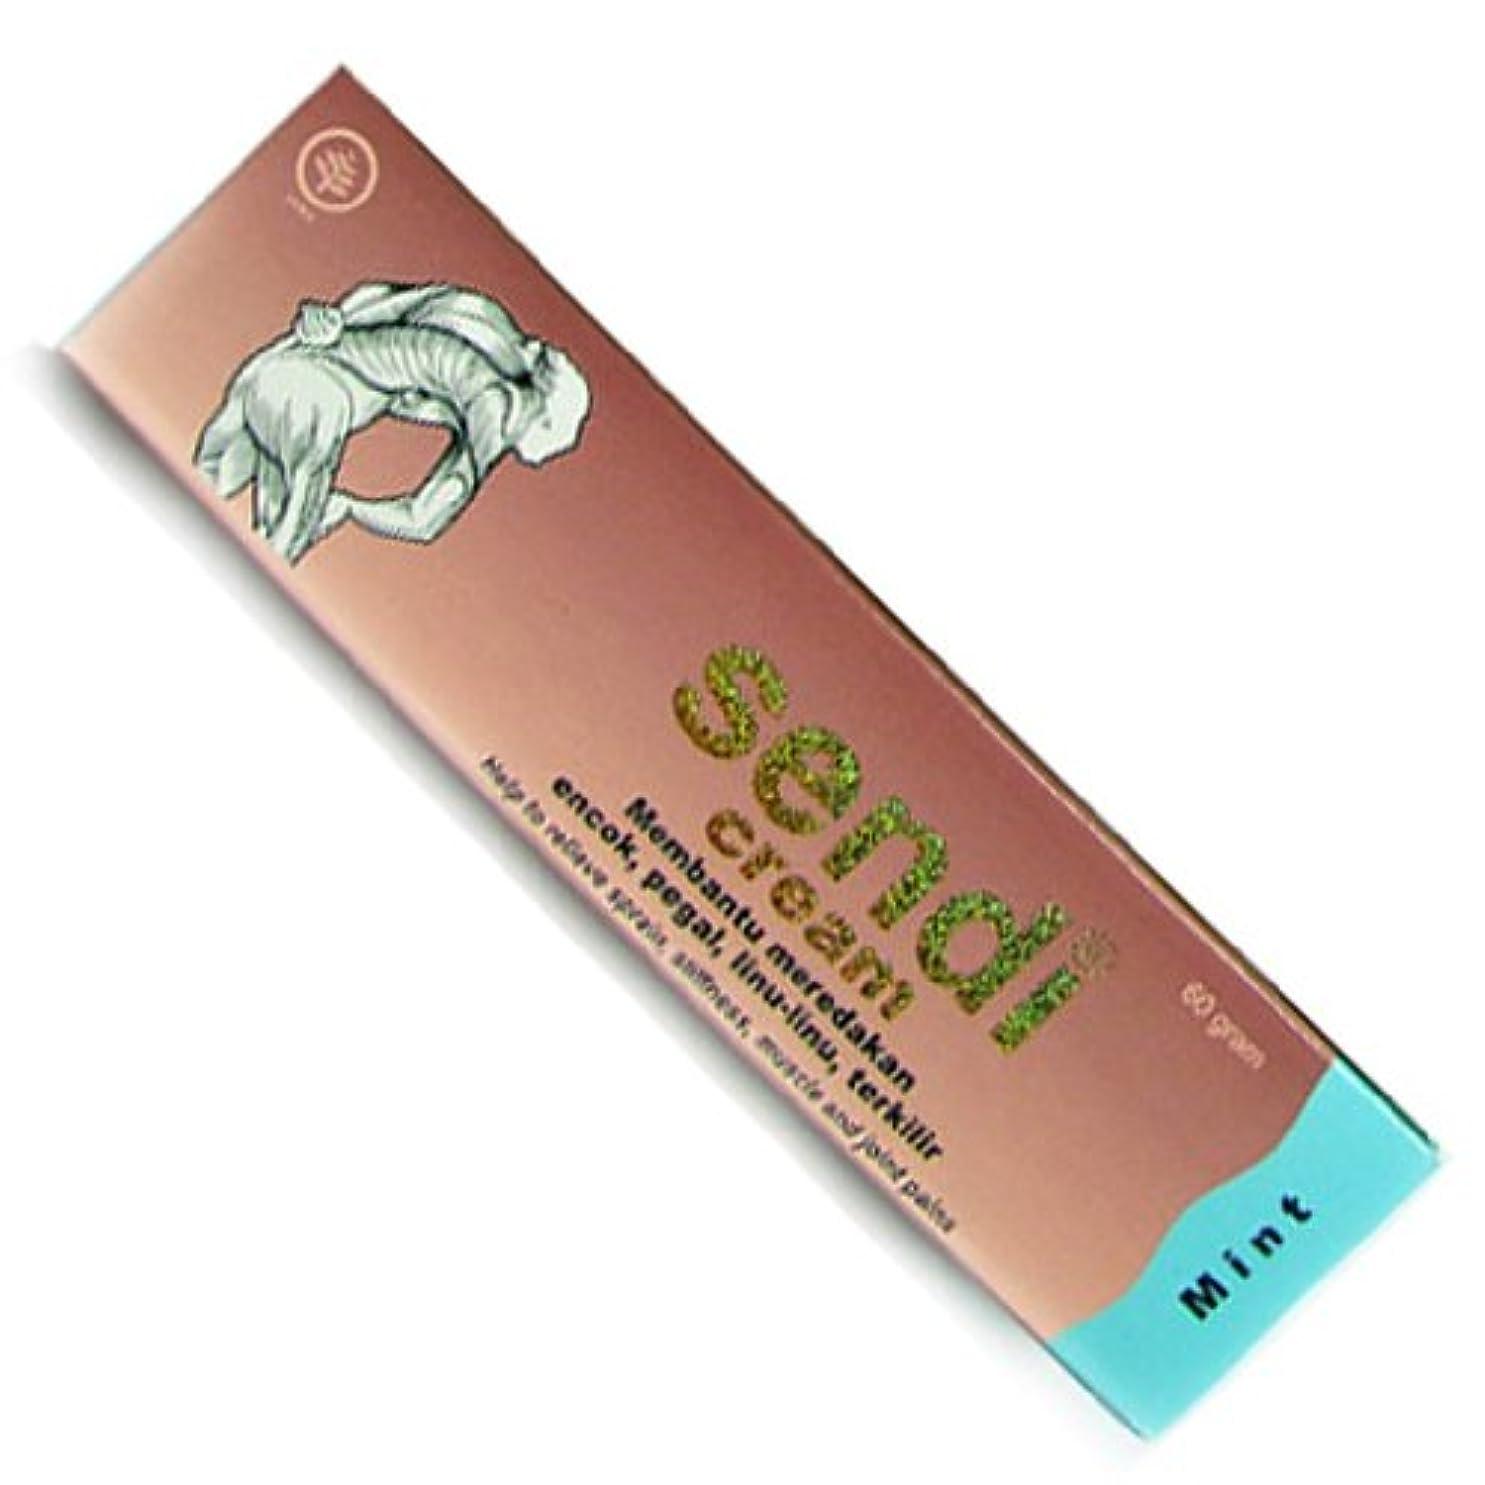 声を出して登場戻すSendi Cream スンディクリーム60g[並行輸入品][海外直送品]ミント